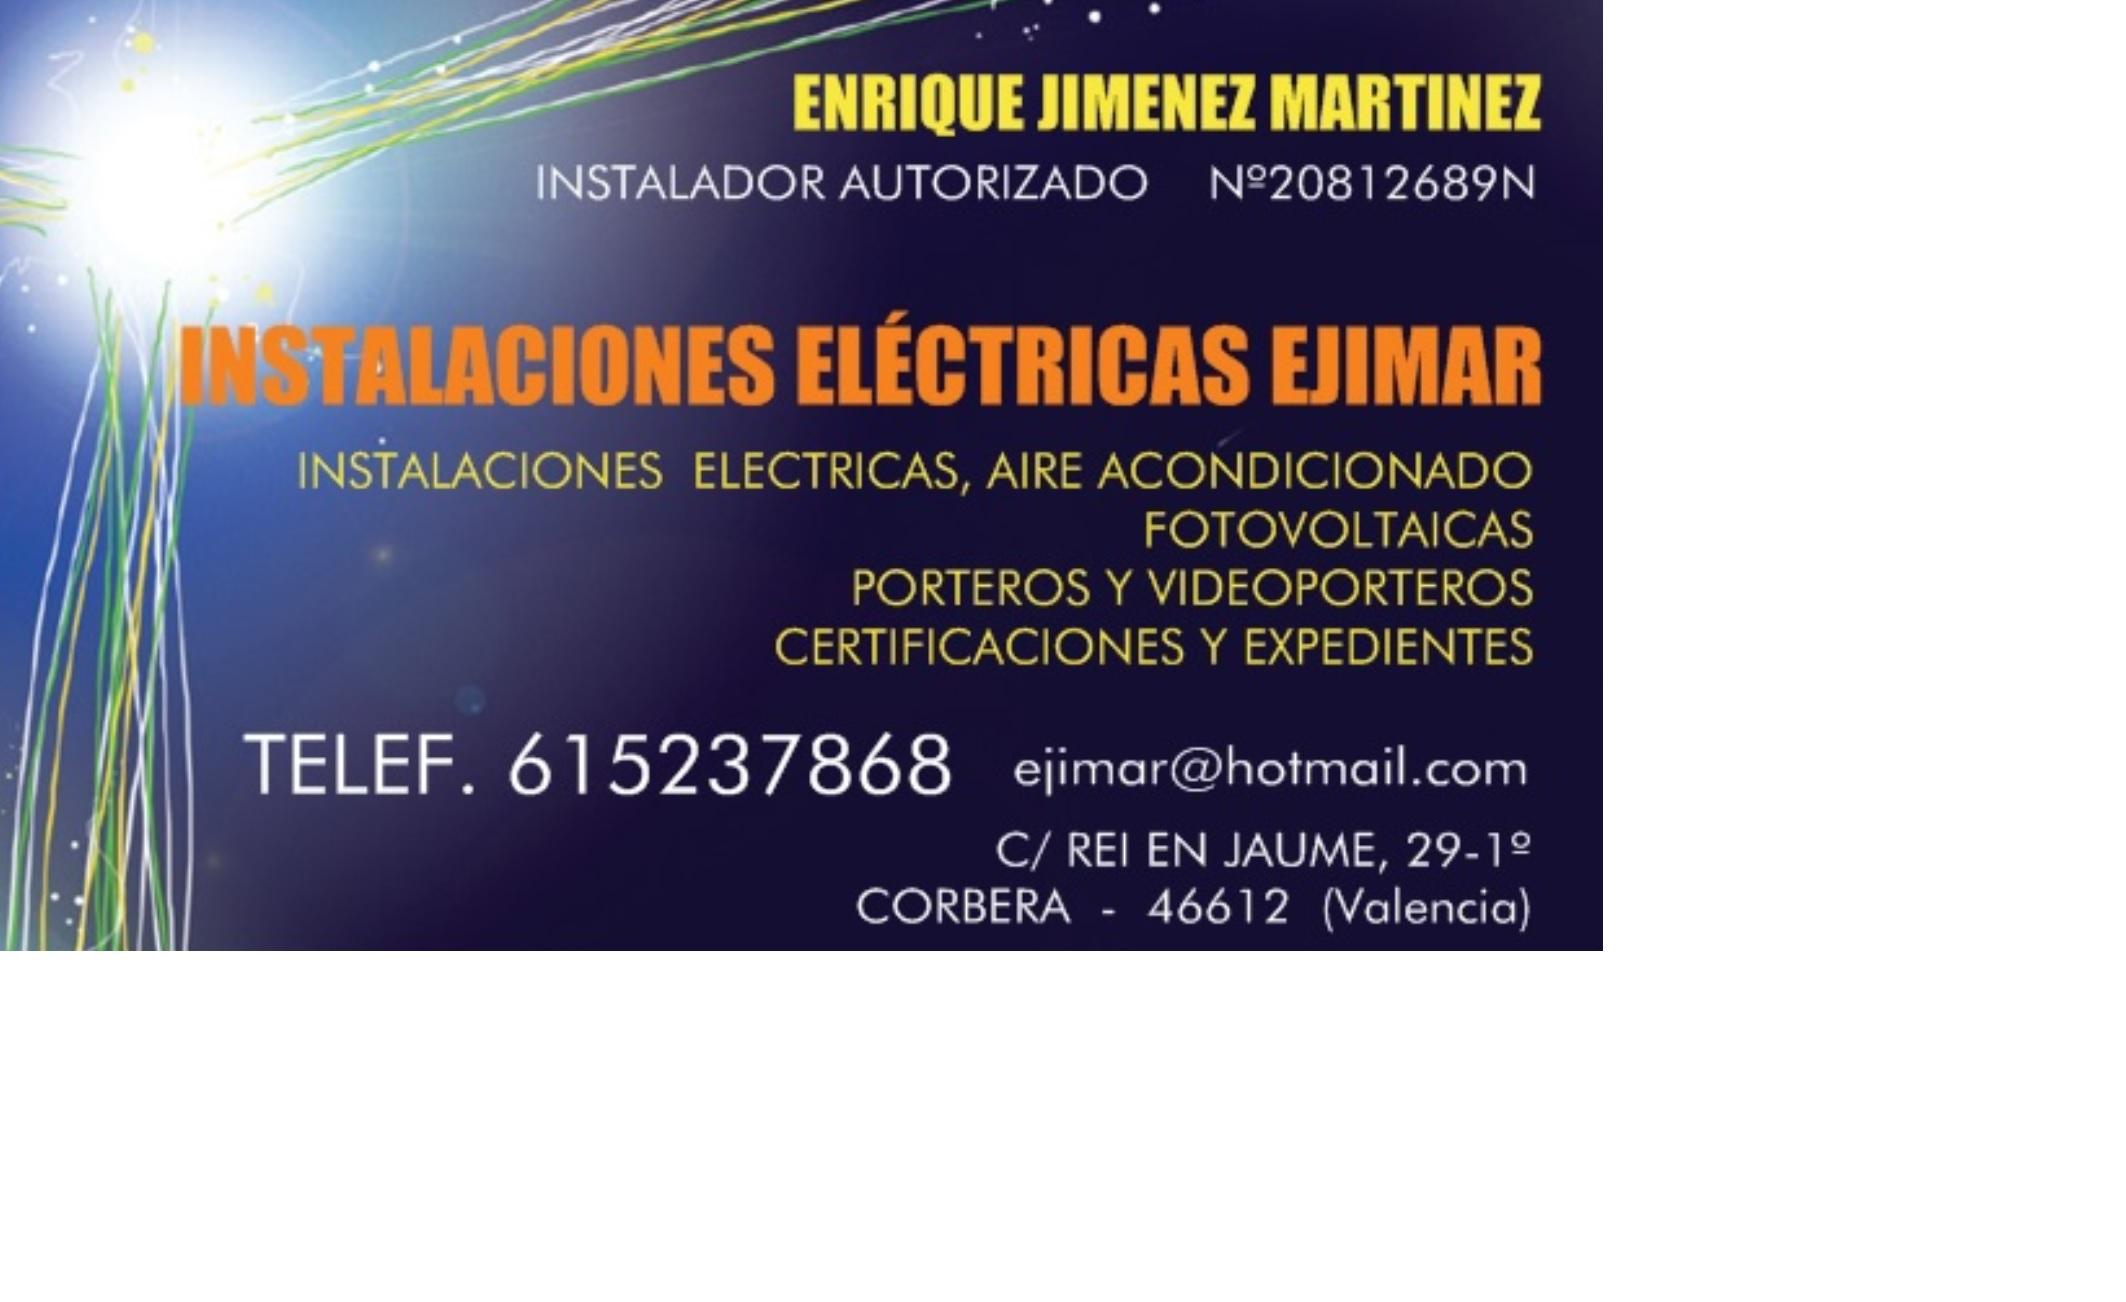 Instalaciones Electricas Ejimar